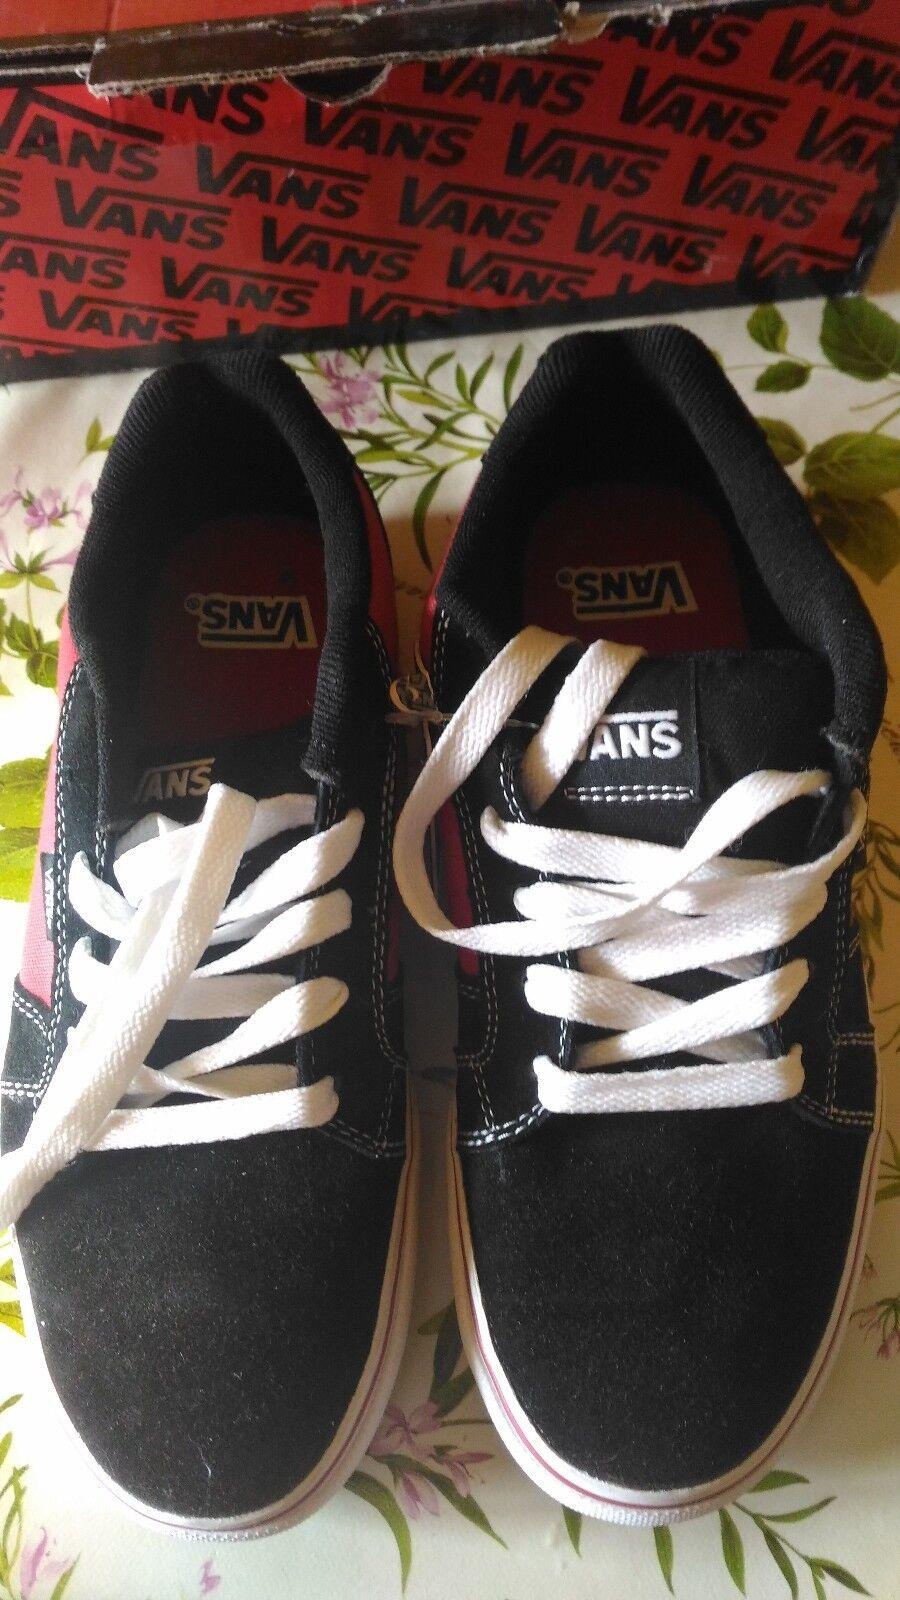 VANS WIDOW VULC uomo SKATEBOARDING scarpe Dimensione US 7 BRAND NEW | Imballaggio elegante e stabile  | Uomini/Donna Scarpa